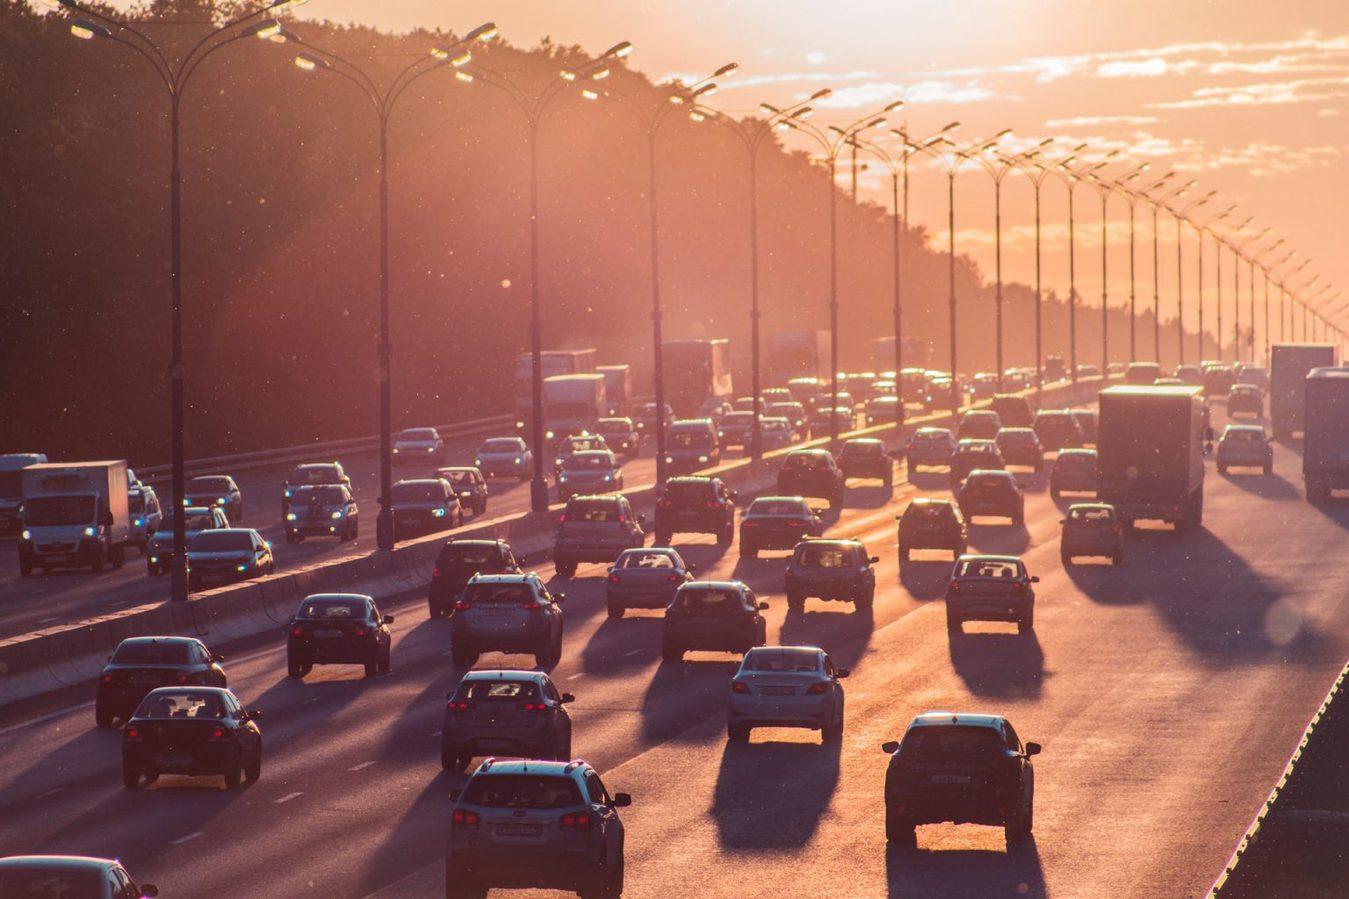 Macchine in autostrada al tramonto